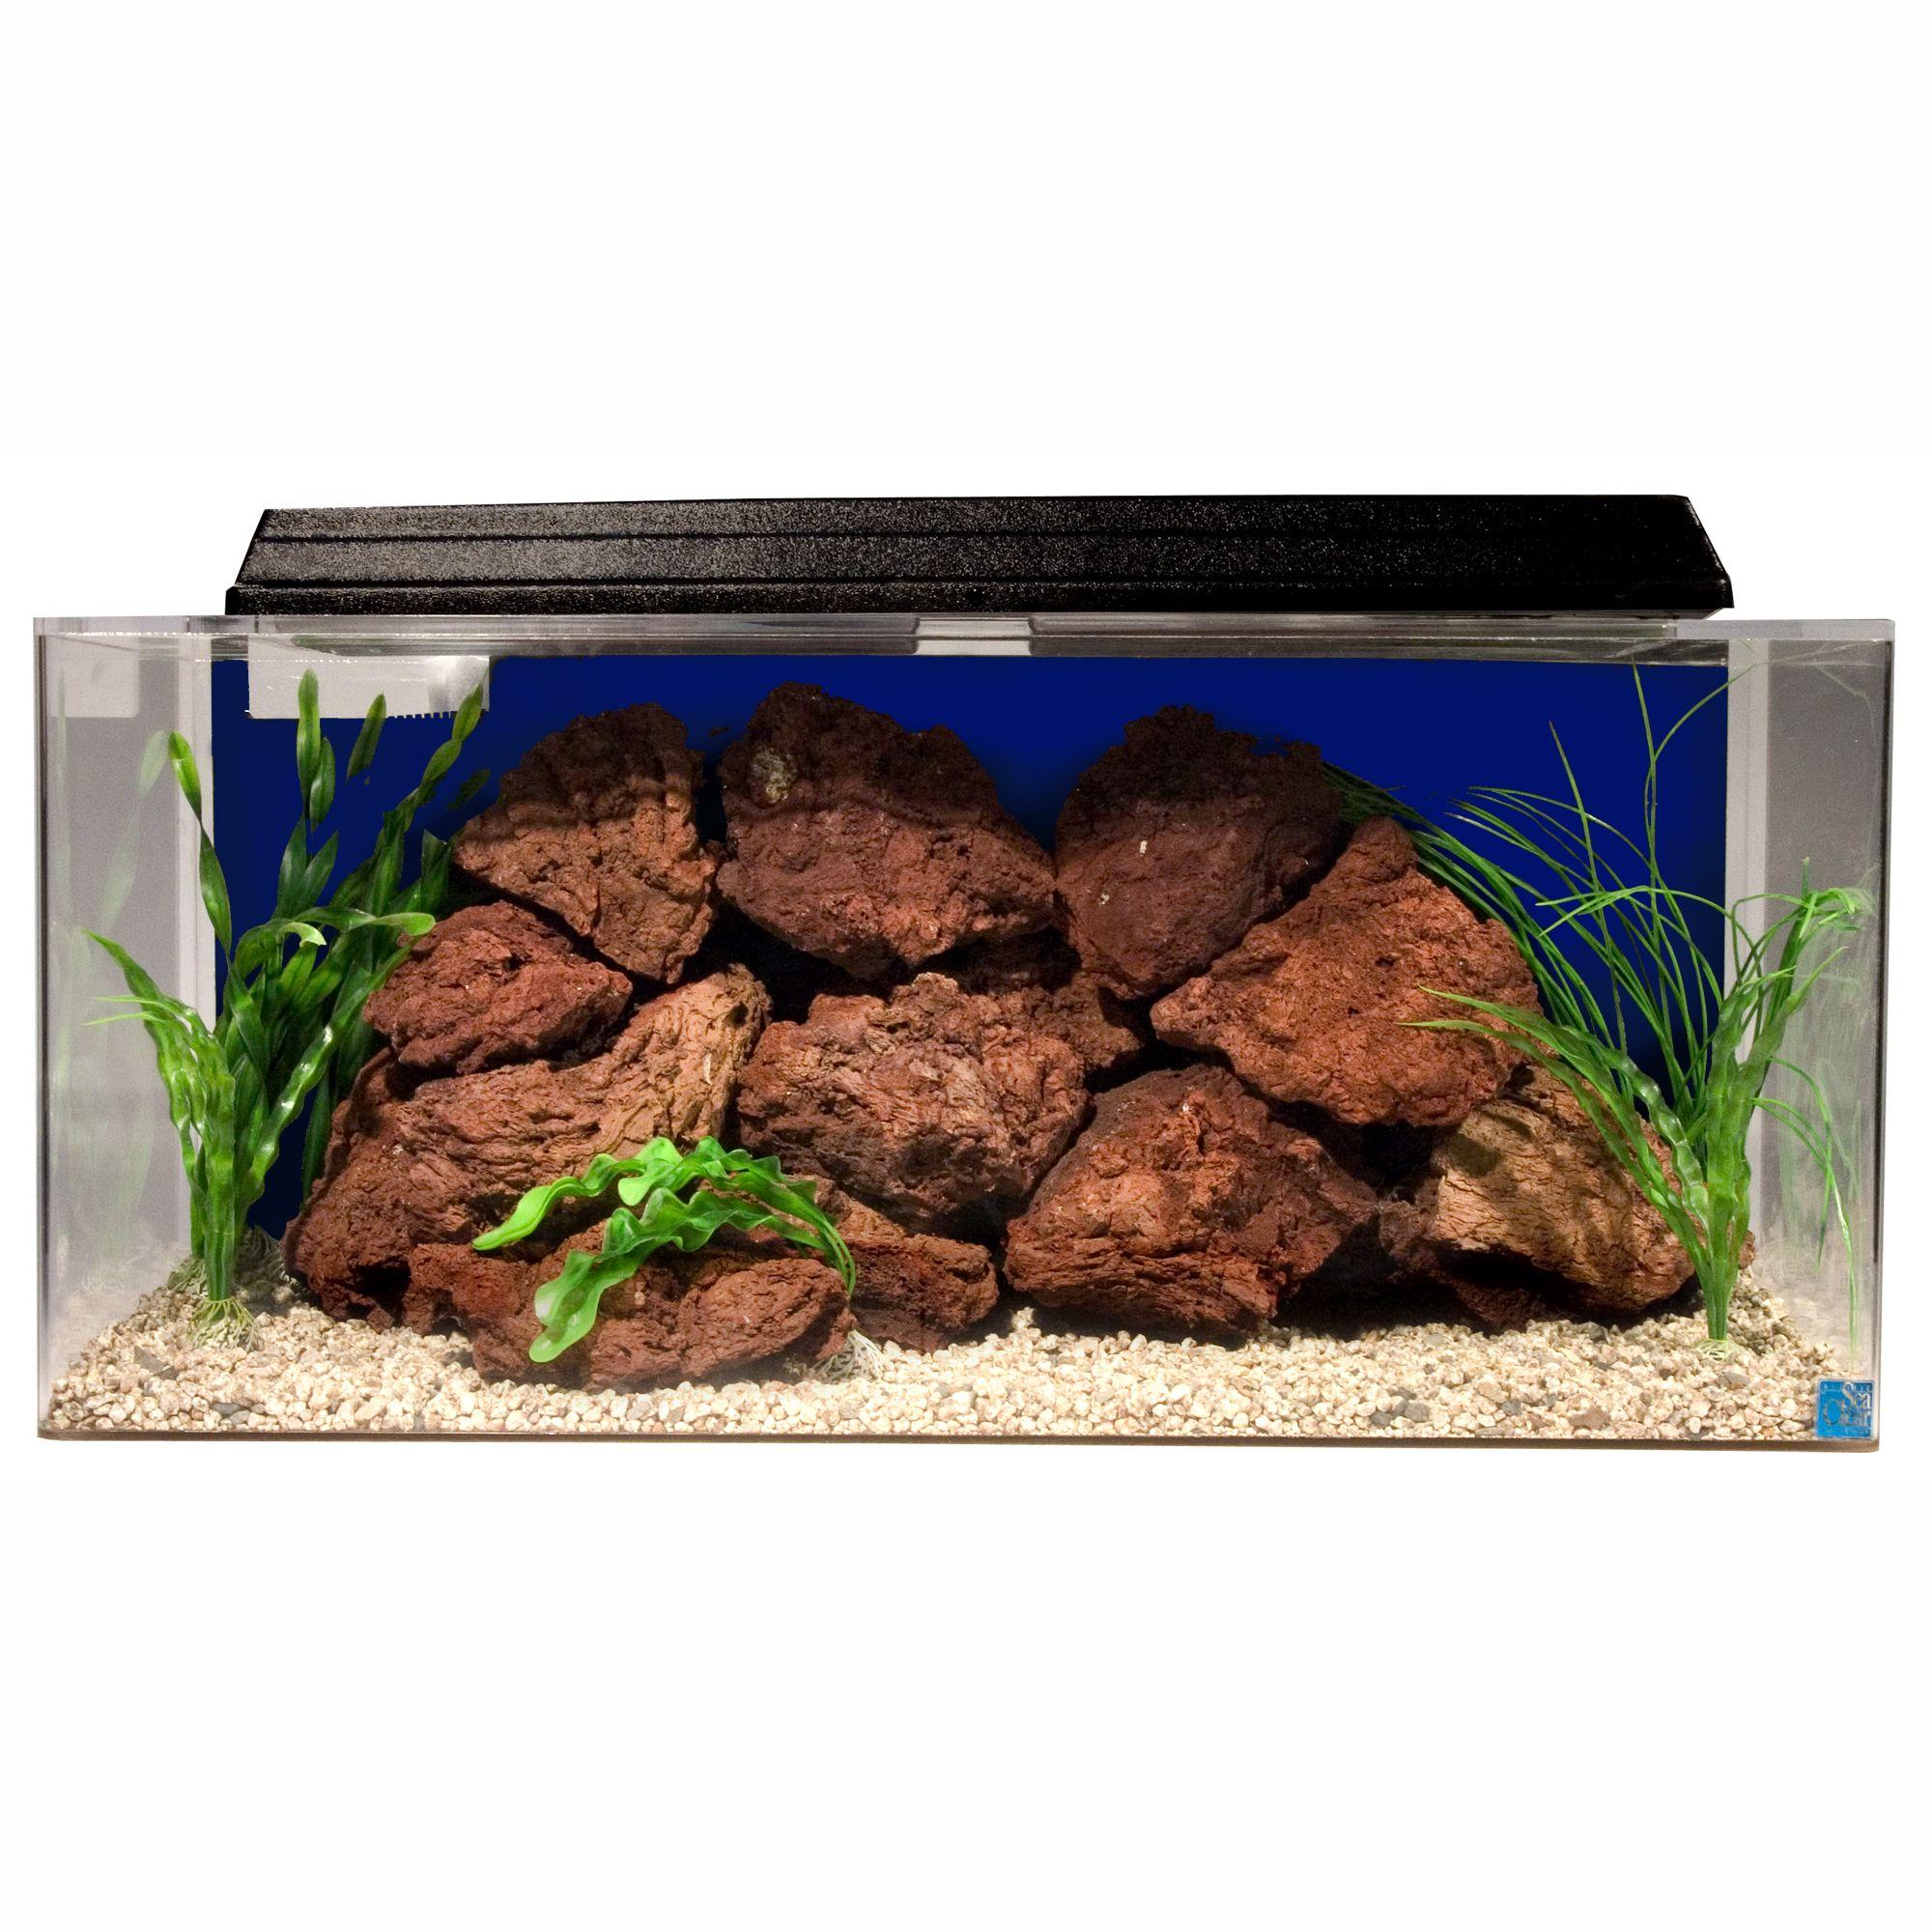 Seaclear 40 Gallon System Ii Aquarium Size 40 Gal Cobalt Blue